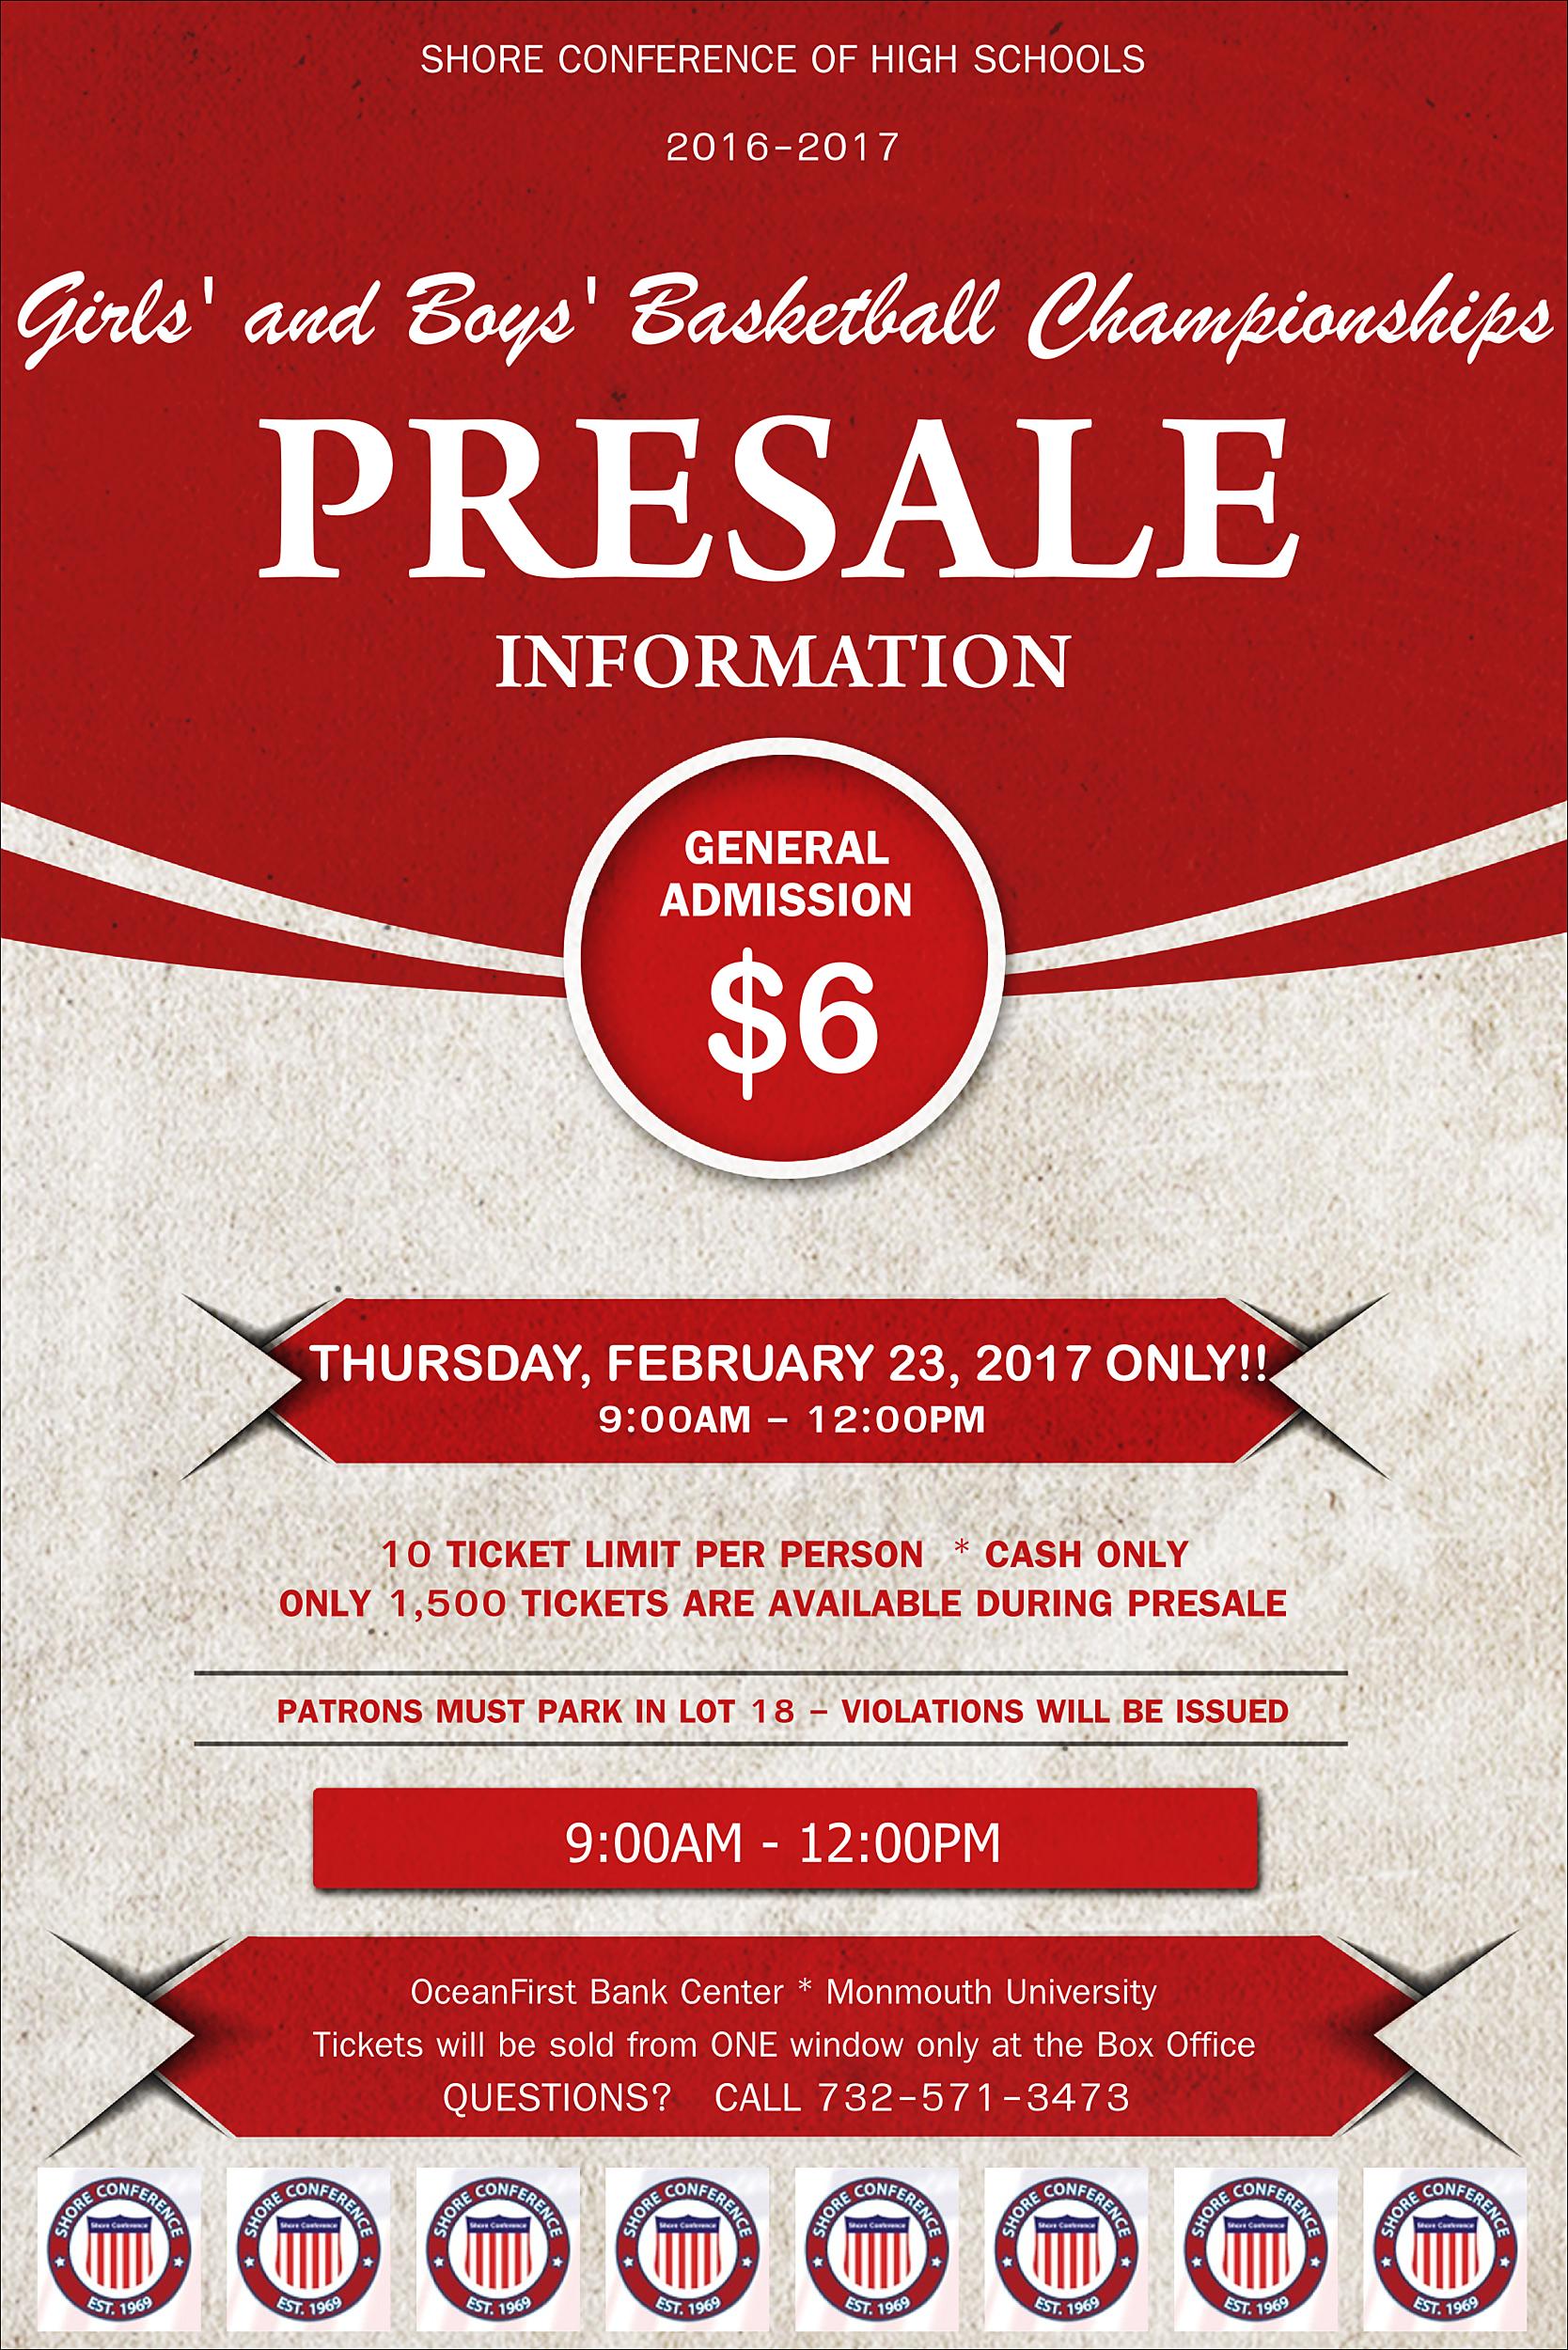 SC Pre-Sale Infographic